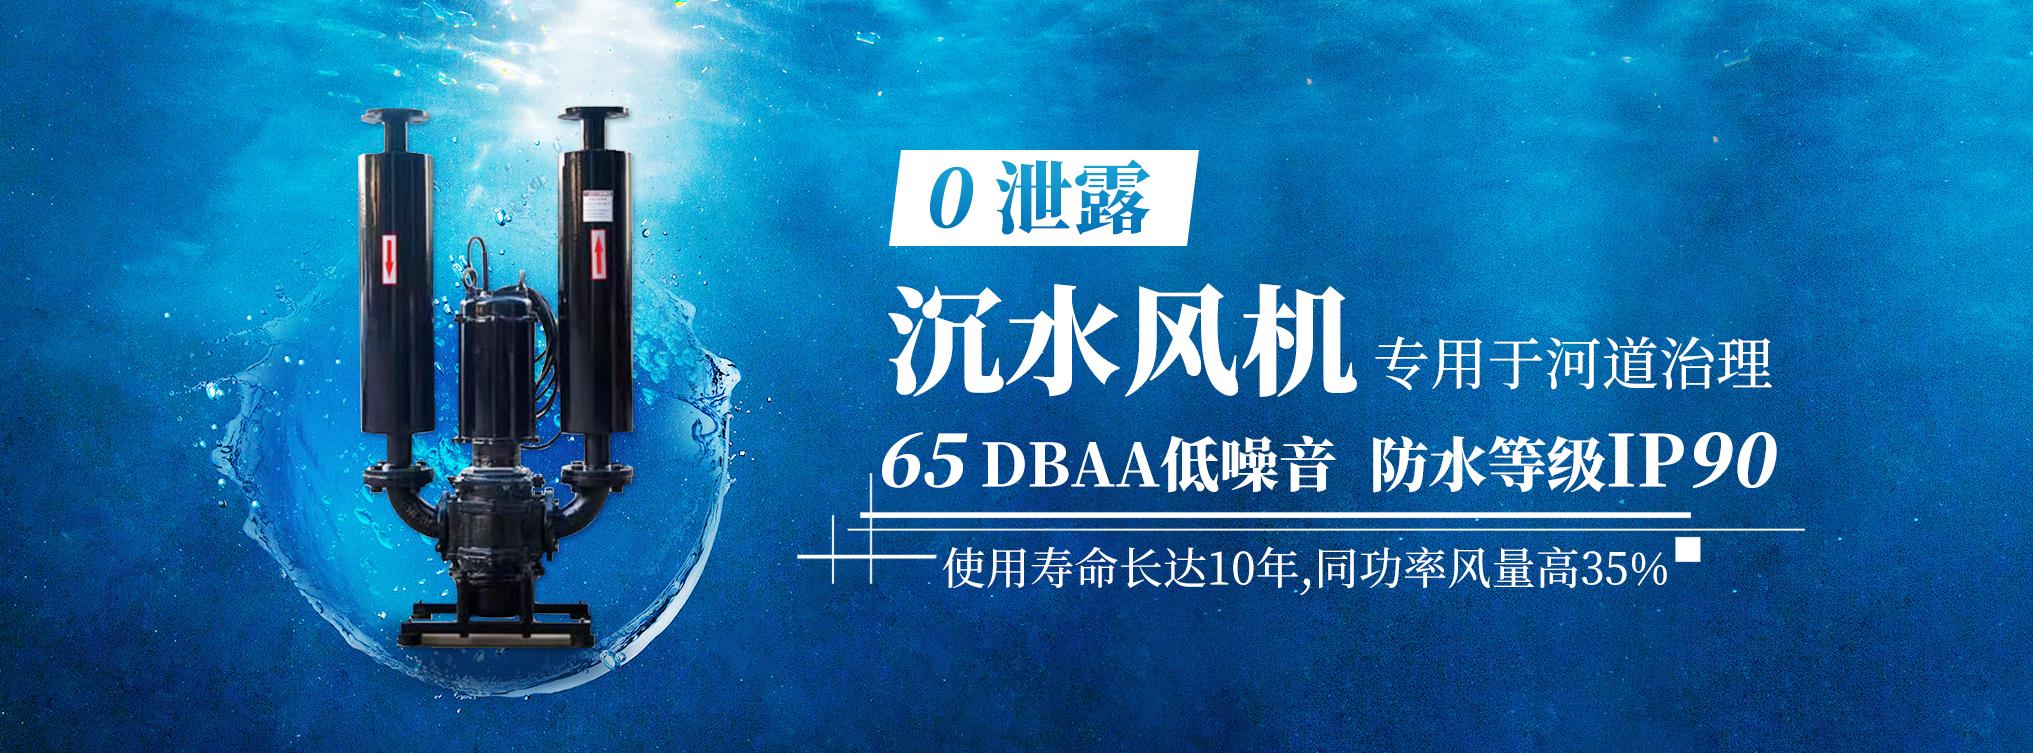 沉水風機,專用于河道治理,65dbaA低噪音,0泄露,防水等級IP90